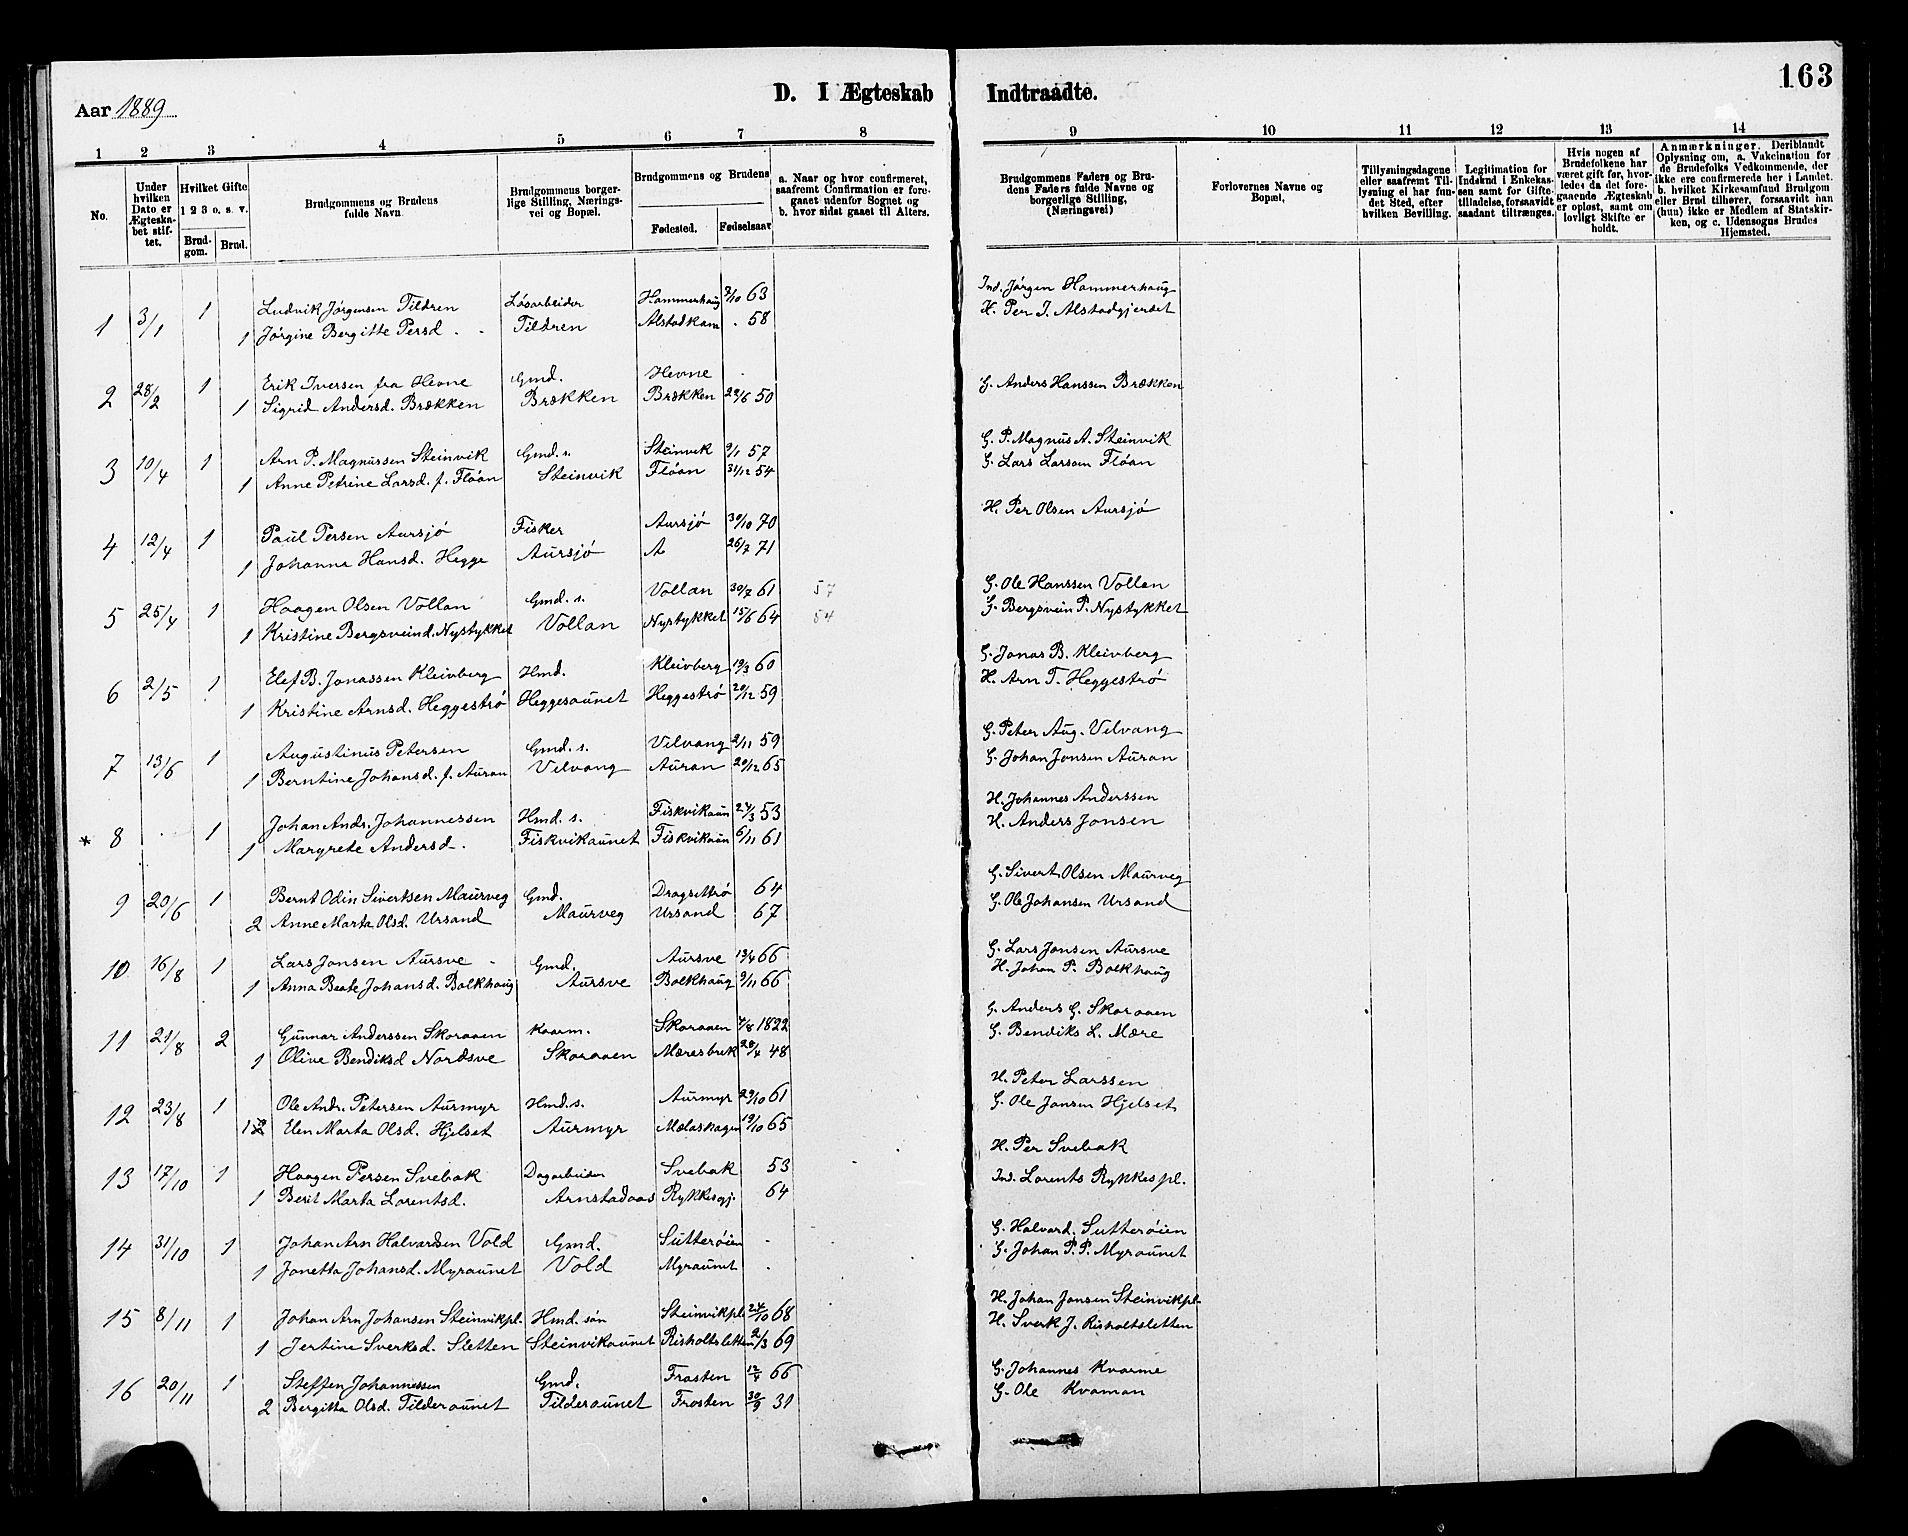 SAT, Ministerialprotokoller, klokkerbøker og fødselsregistre - Nord-Trøndelag, 712/L0103: Klokkerbok nr. 712C01, 1878-1917, s. 163